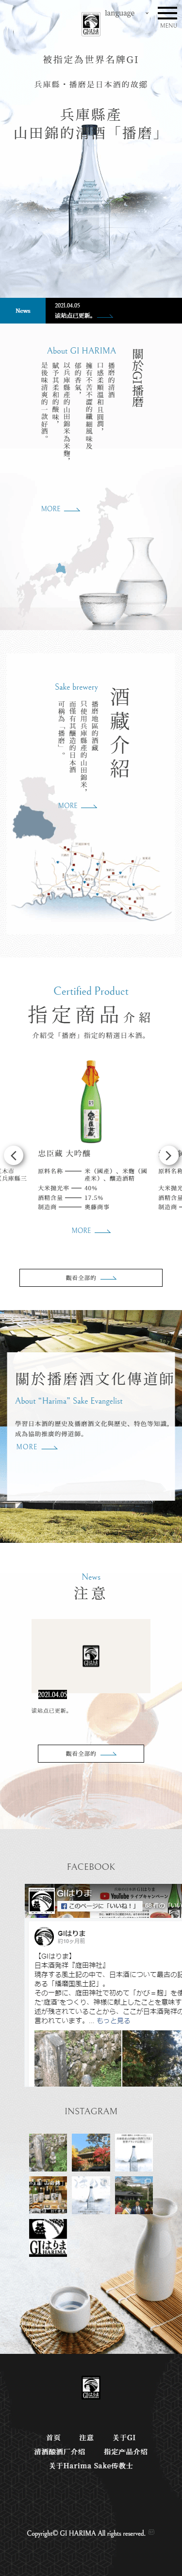 GIはりま(中国語 簡体字版サイト) ホームページ制作3